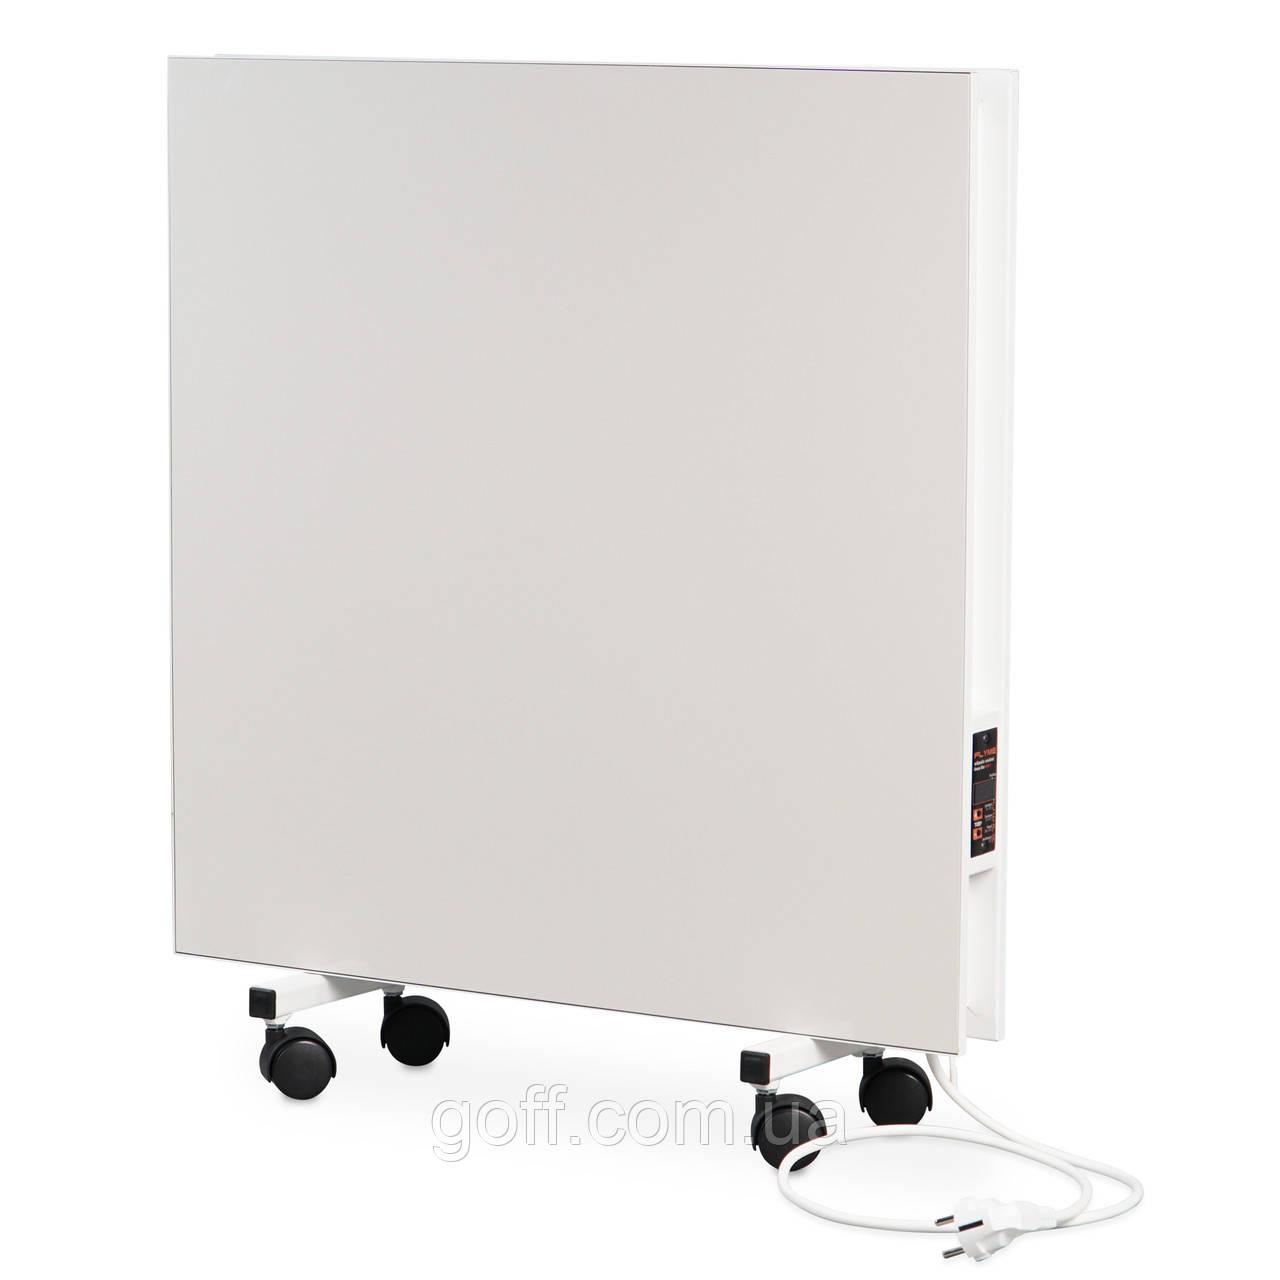 Подвійний керамічний обігрівач з програматором та ніжками Flyme 800PW білий